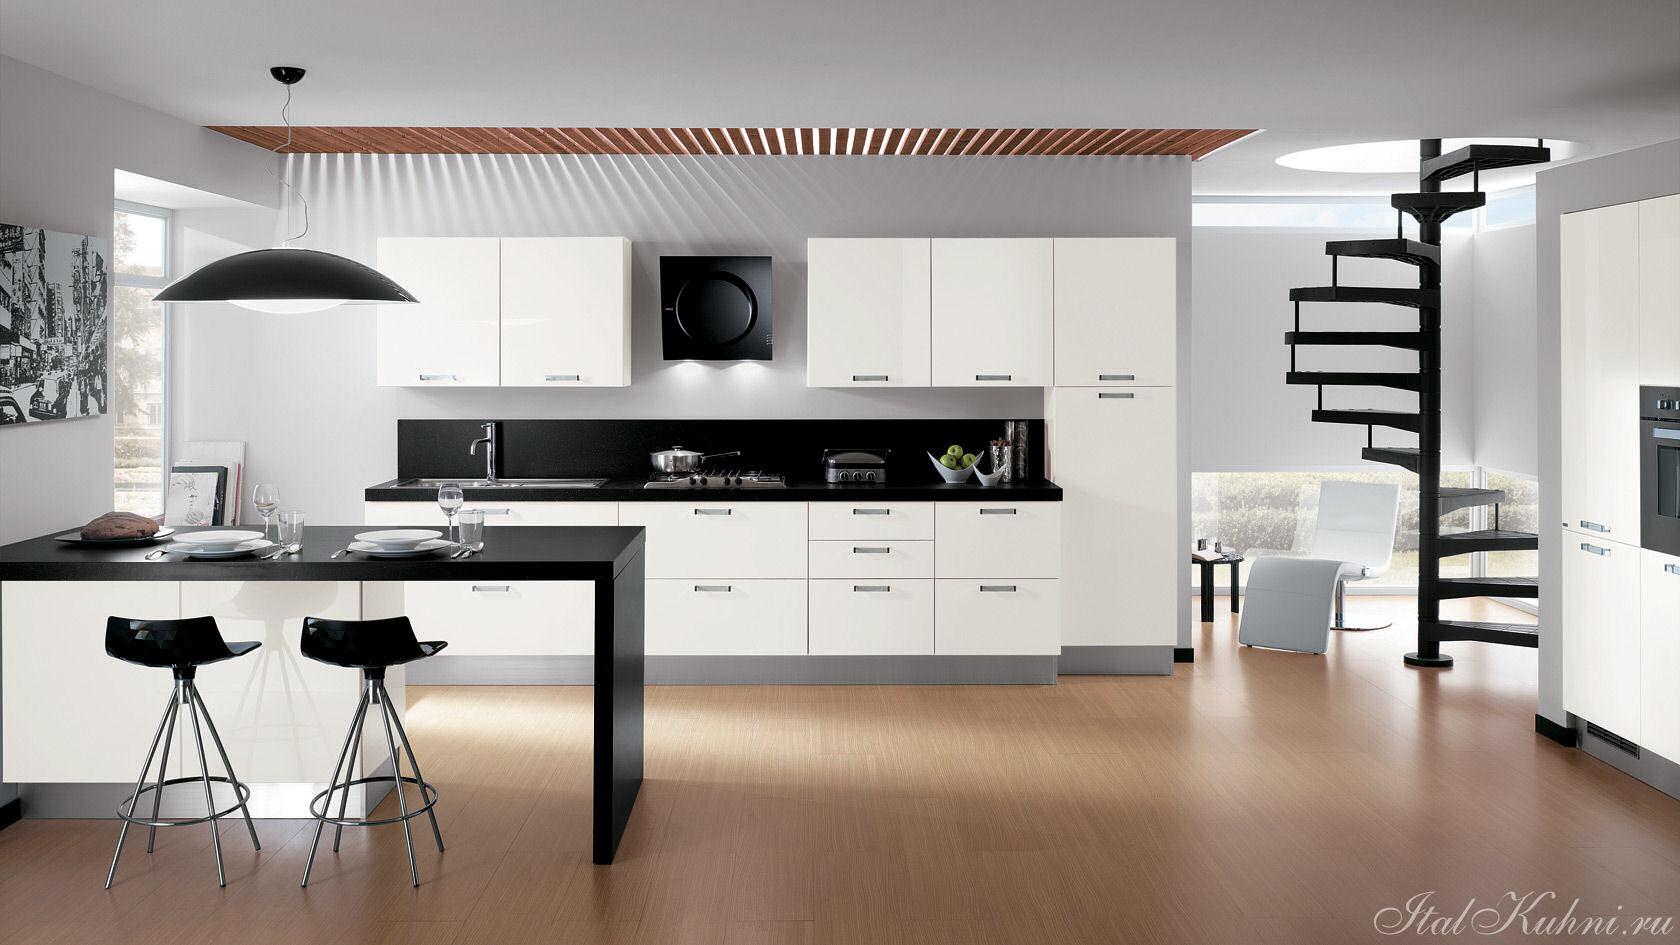 Дизайн кухни в деревянных домах 2017-2018 современные идеи